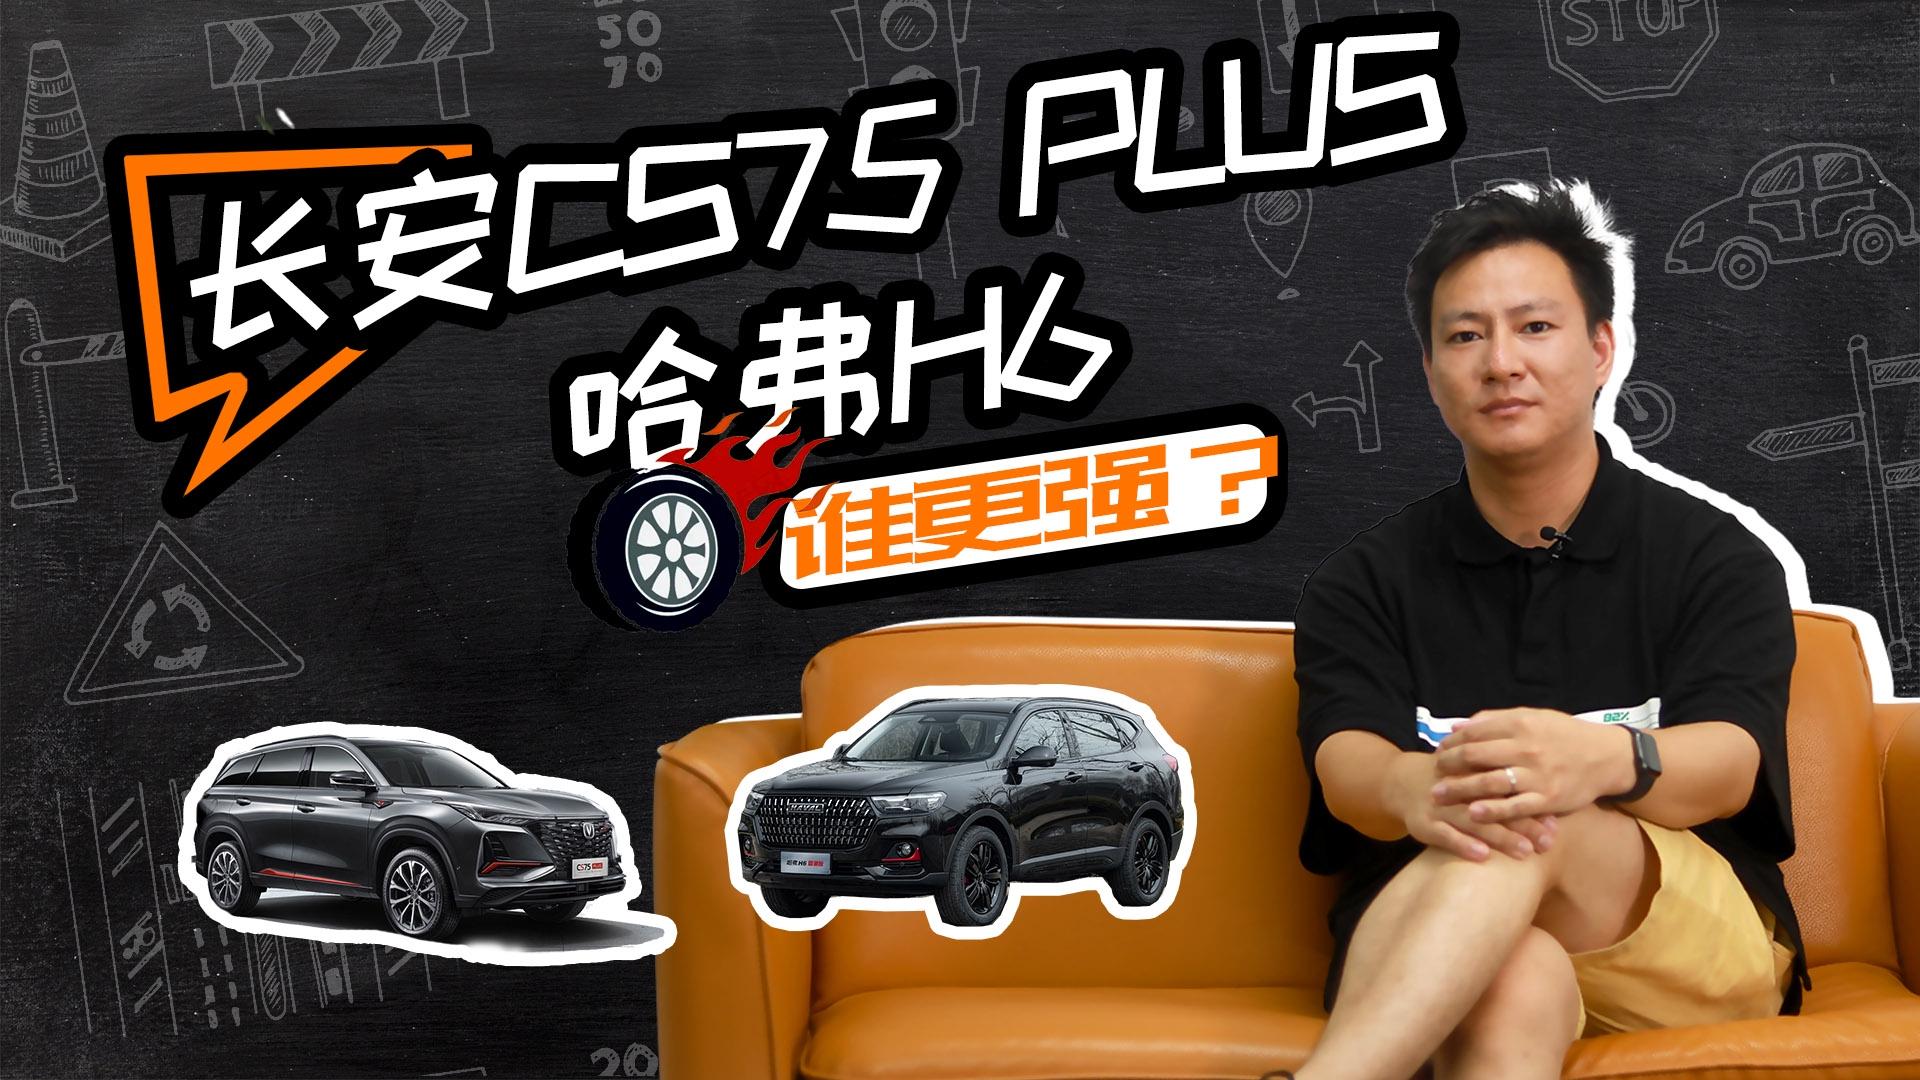 视频:15万想买2.0T动力SUV?长安CS75PLUS/哈弗H6值得一试!